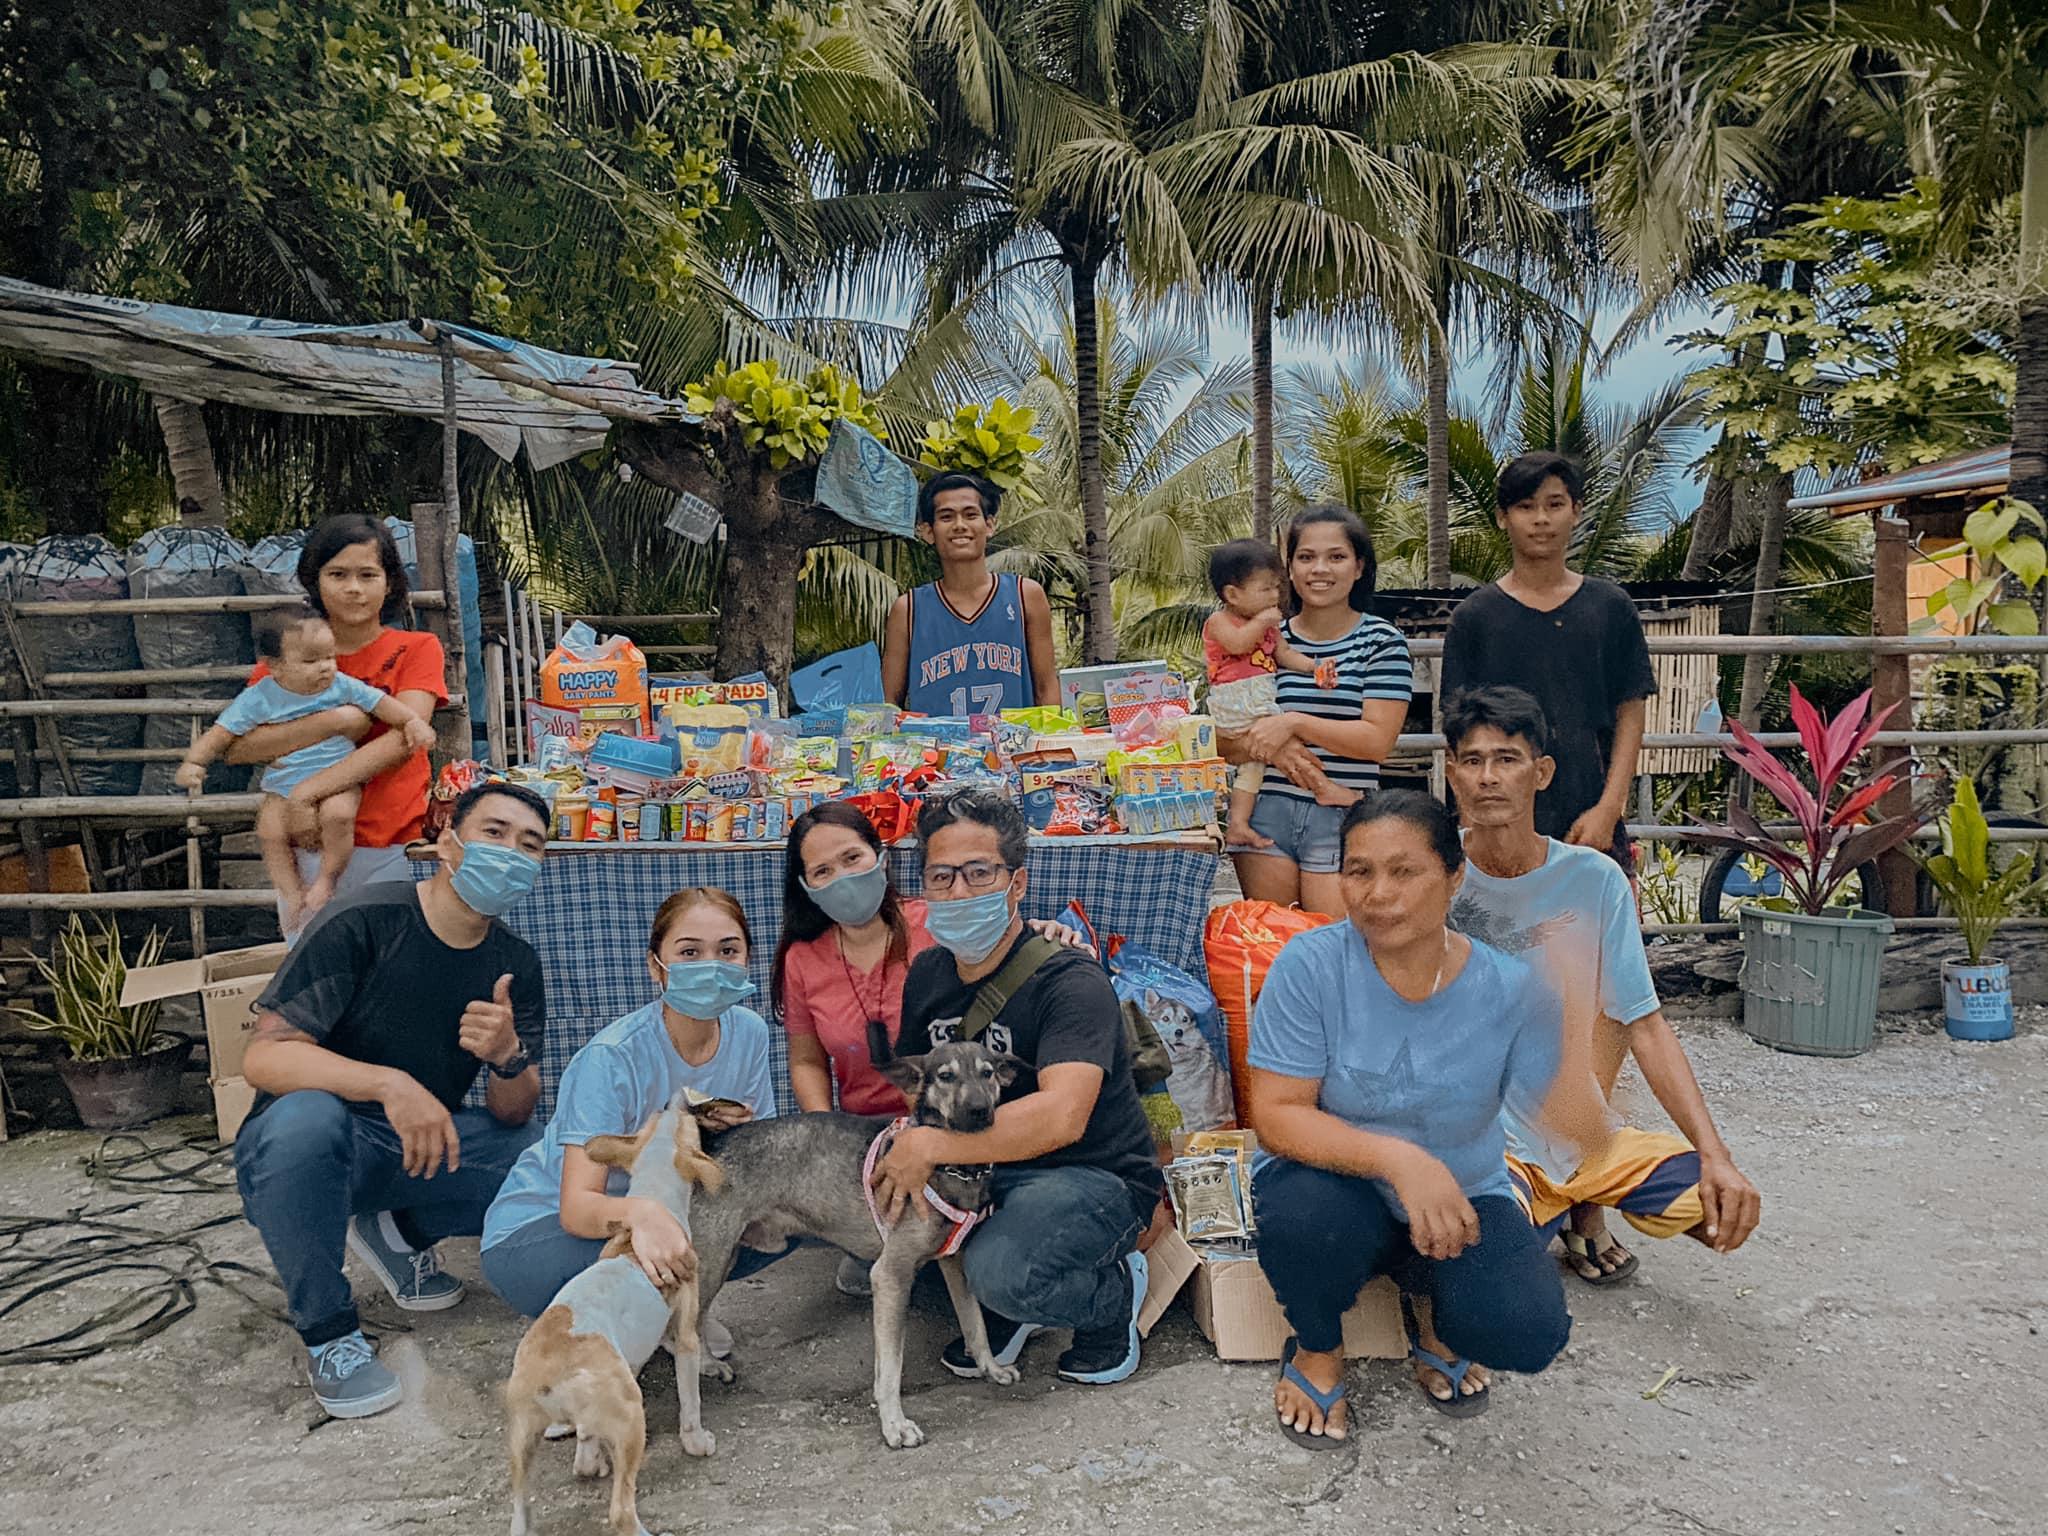 Filipinska družina psa heroja z donacijami  Vir:Hope for Strays